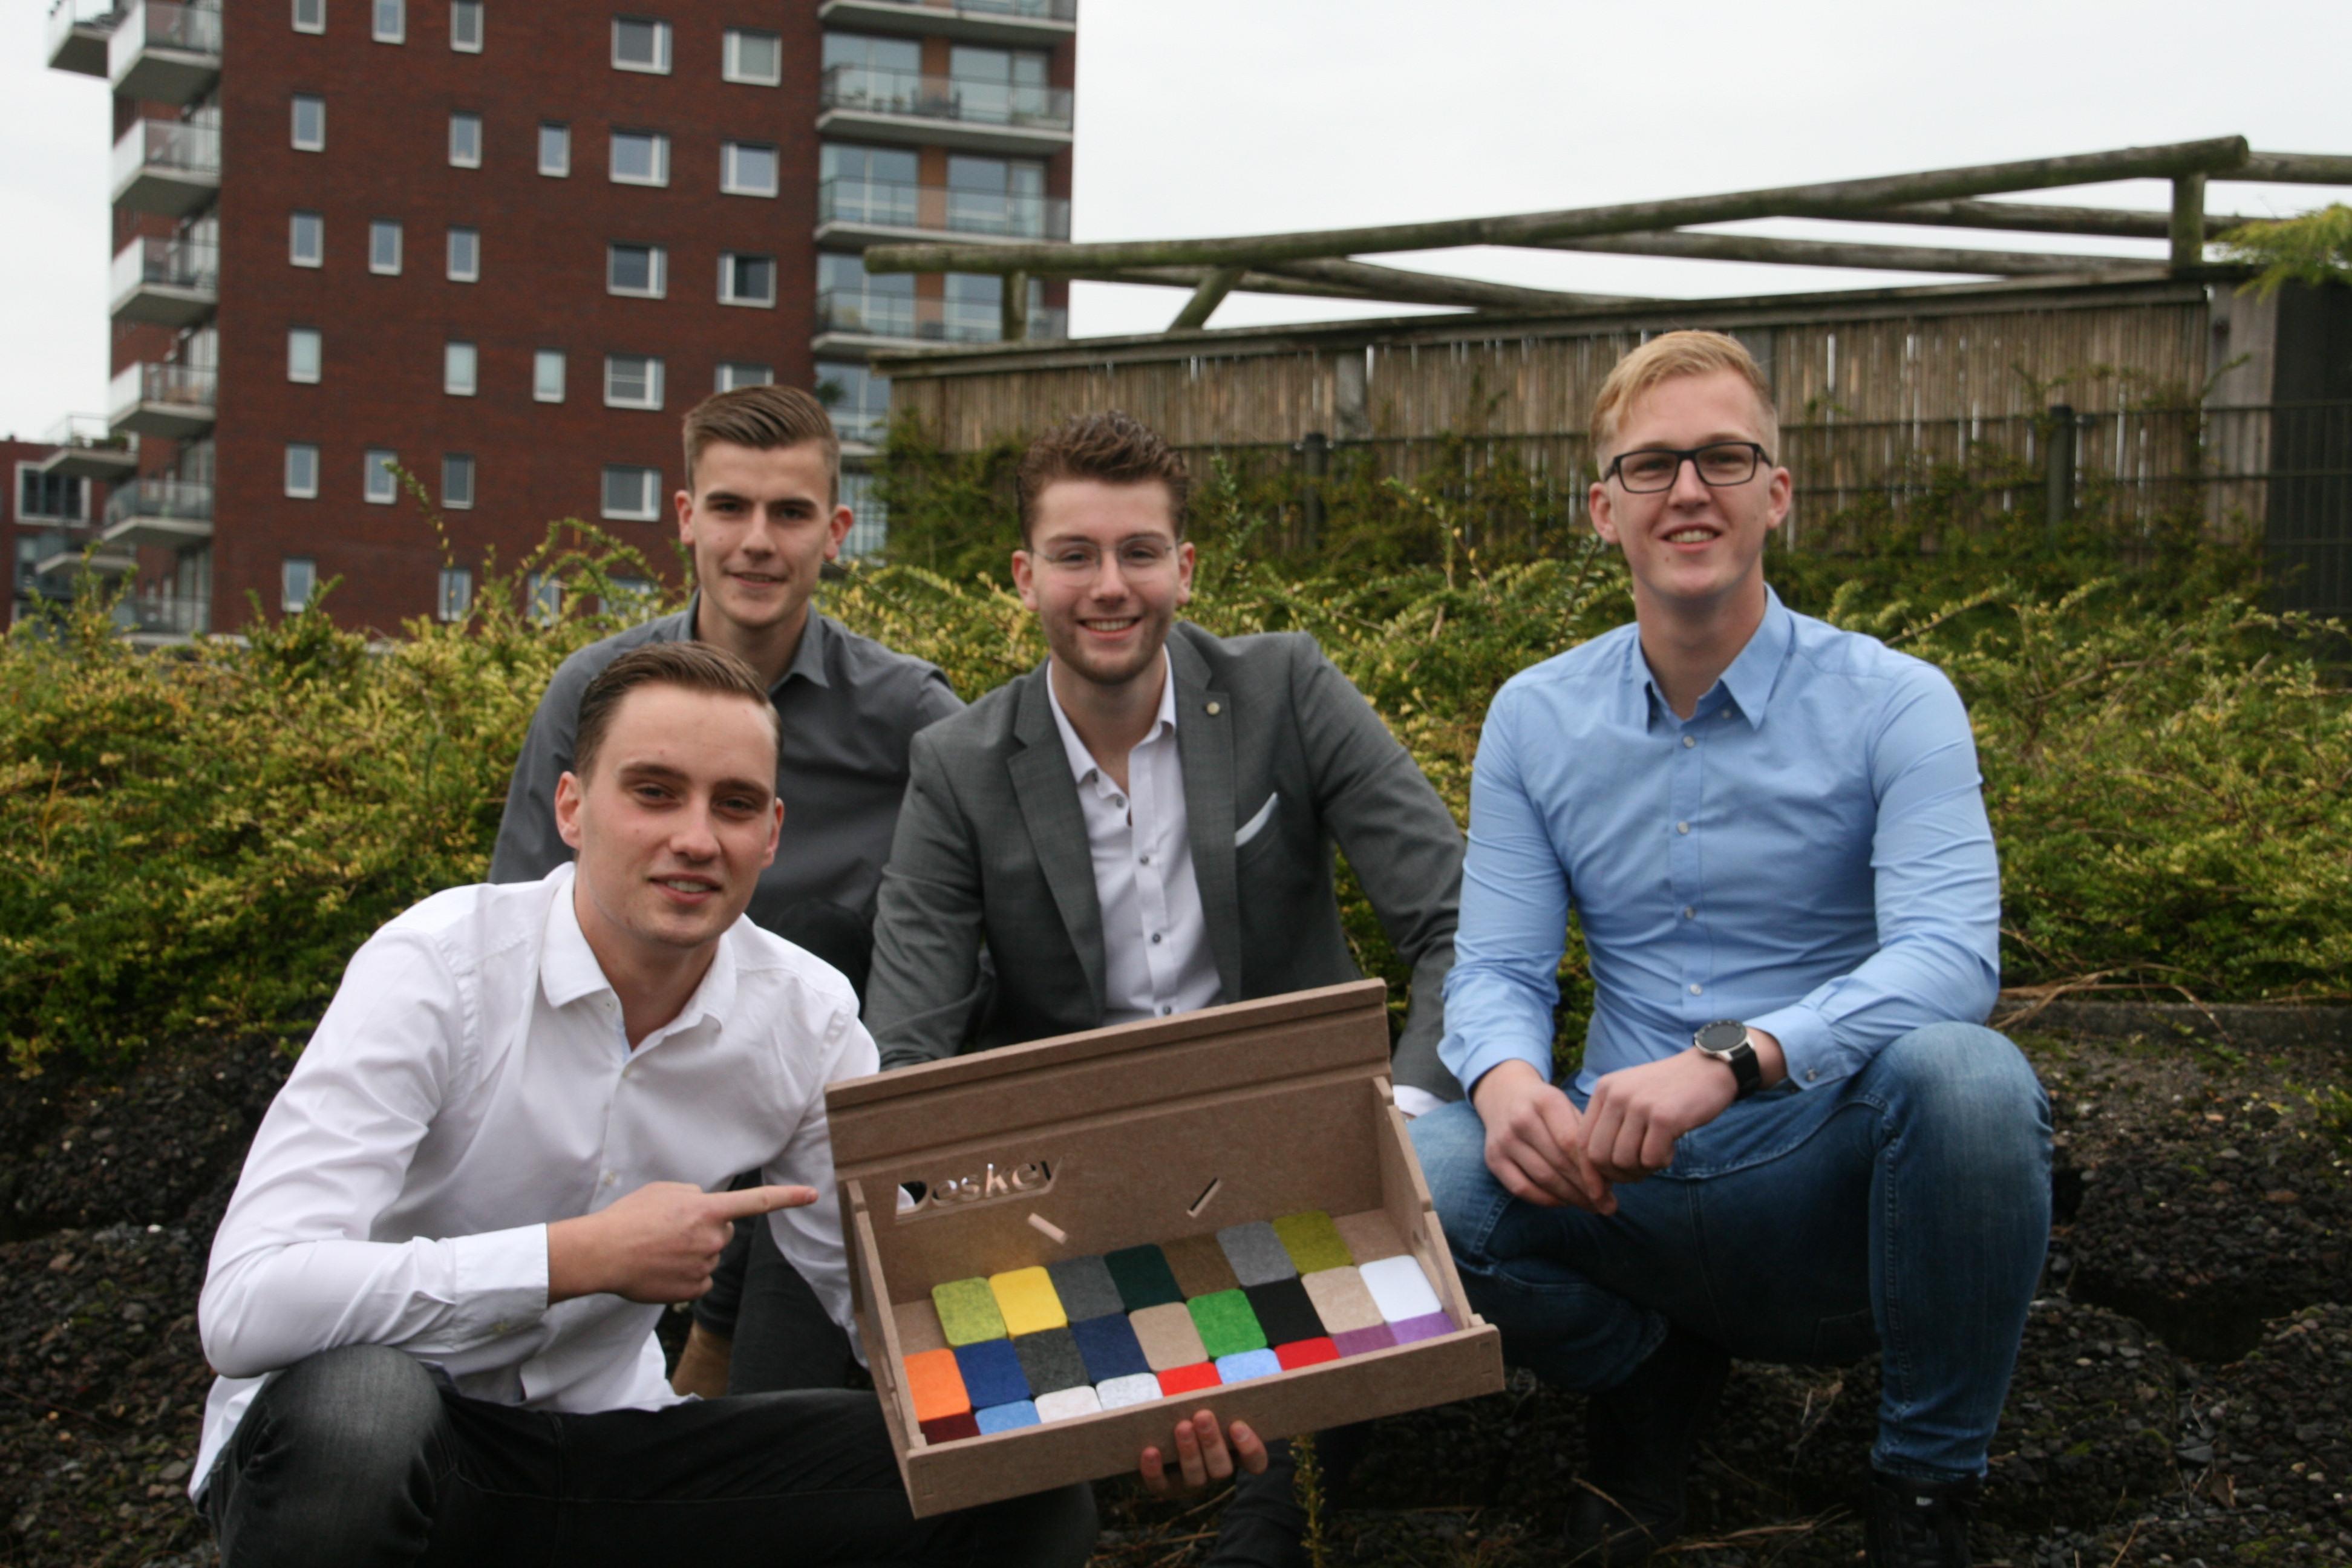 Deze vier studenten halen niet alleen studiepunten, maar lossen de thuiswerksituatie op met de duurzame Deskey: 'We wilden echt iets zinnigs in de markt zetten' [video]